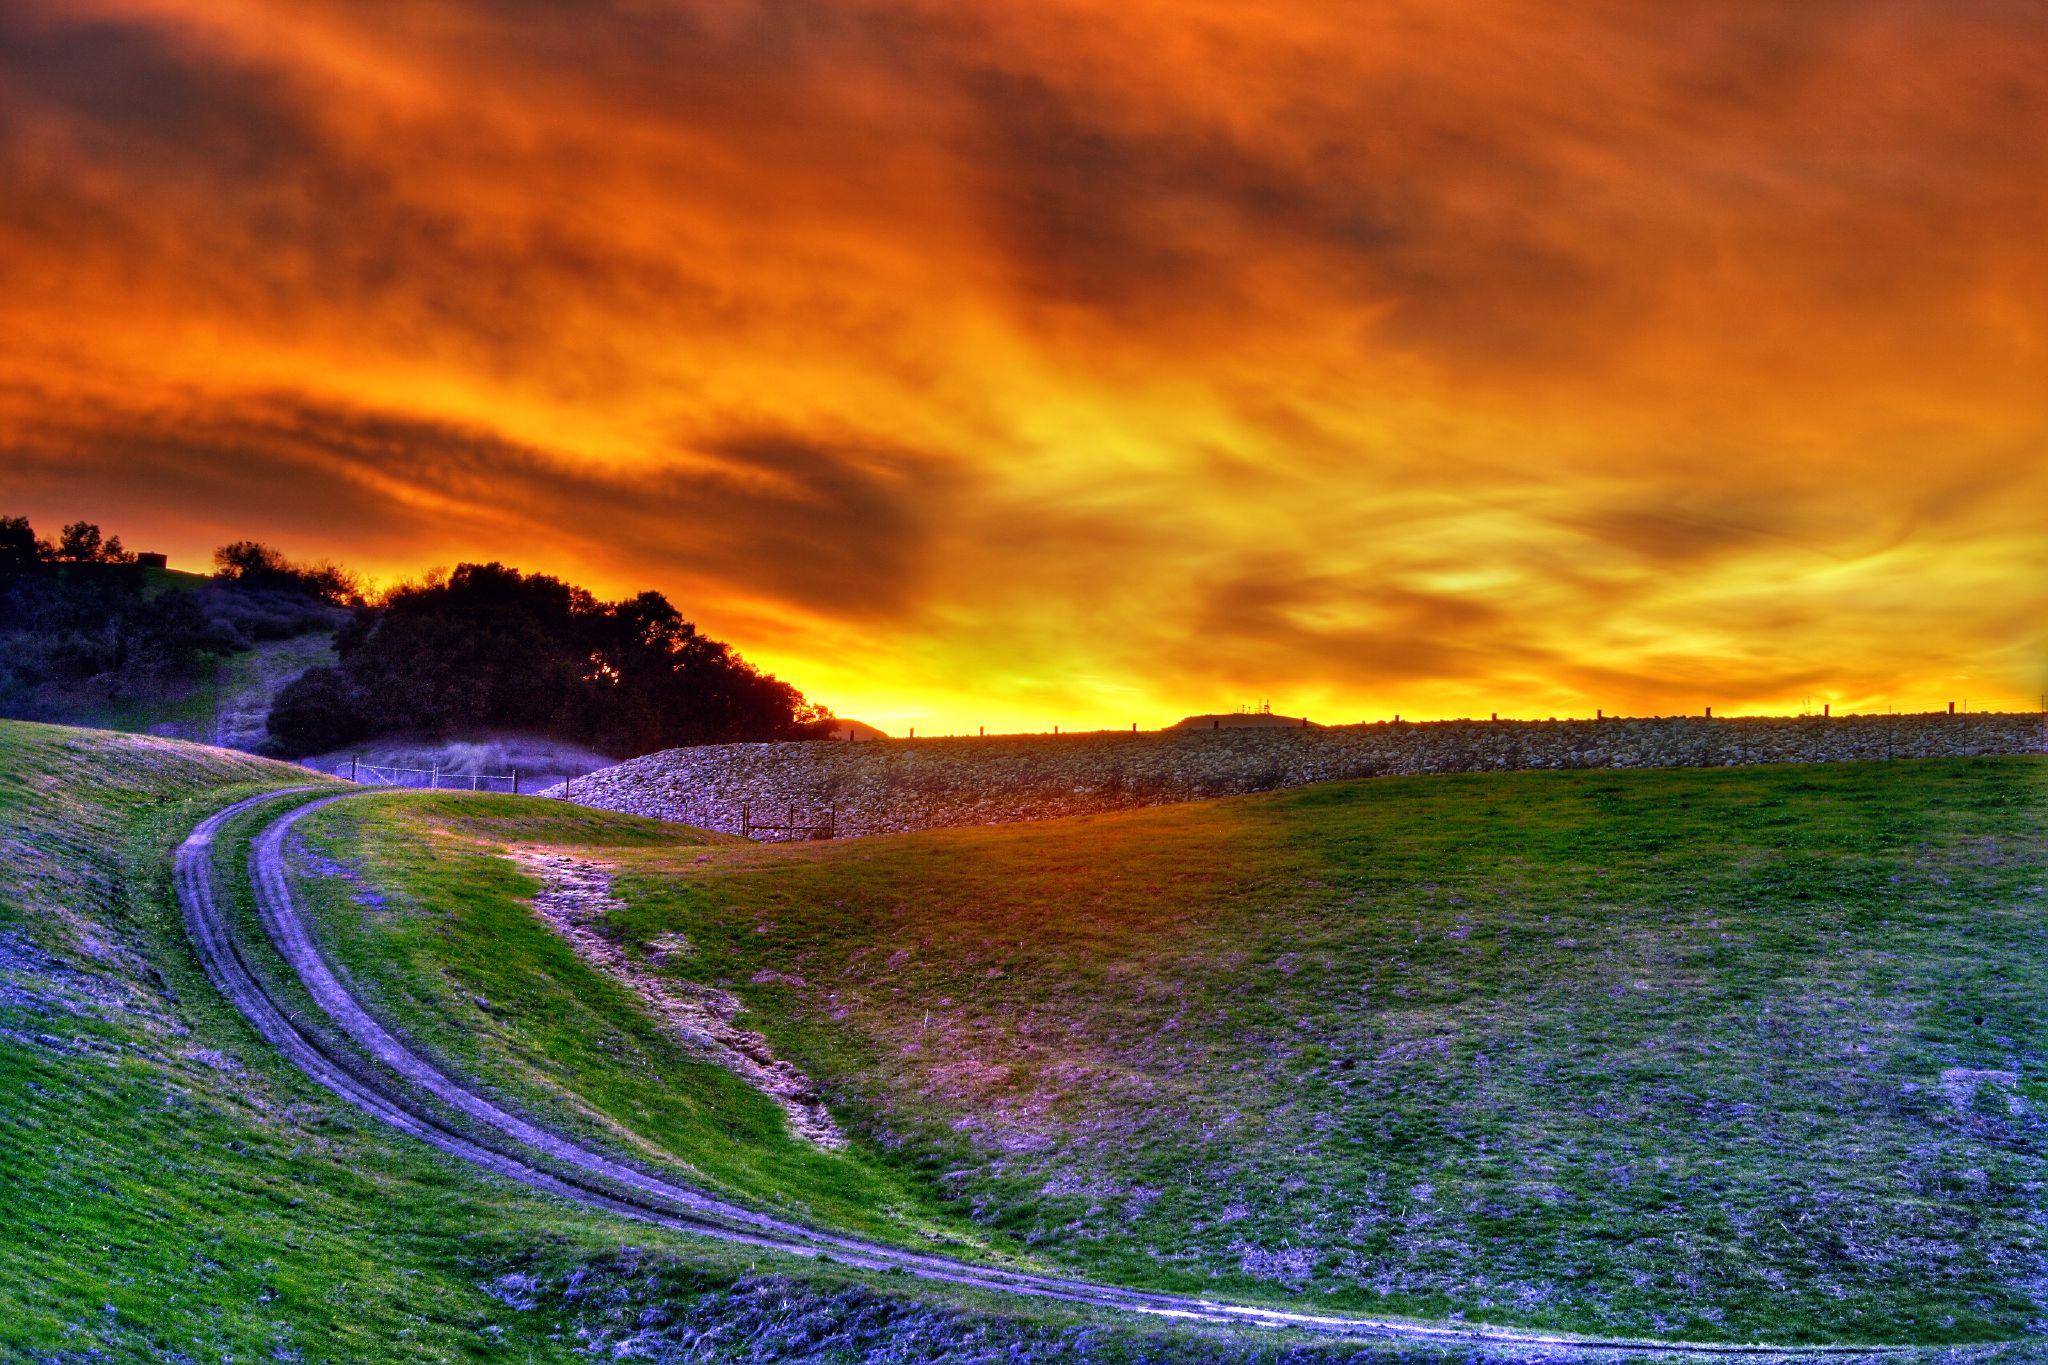 beautiful sunset sunsets - photo #22